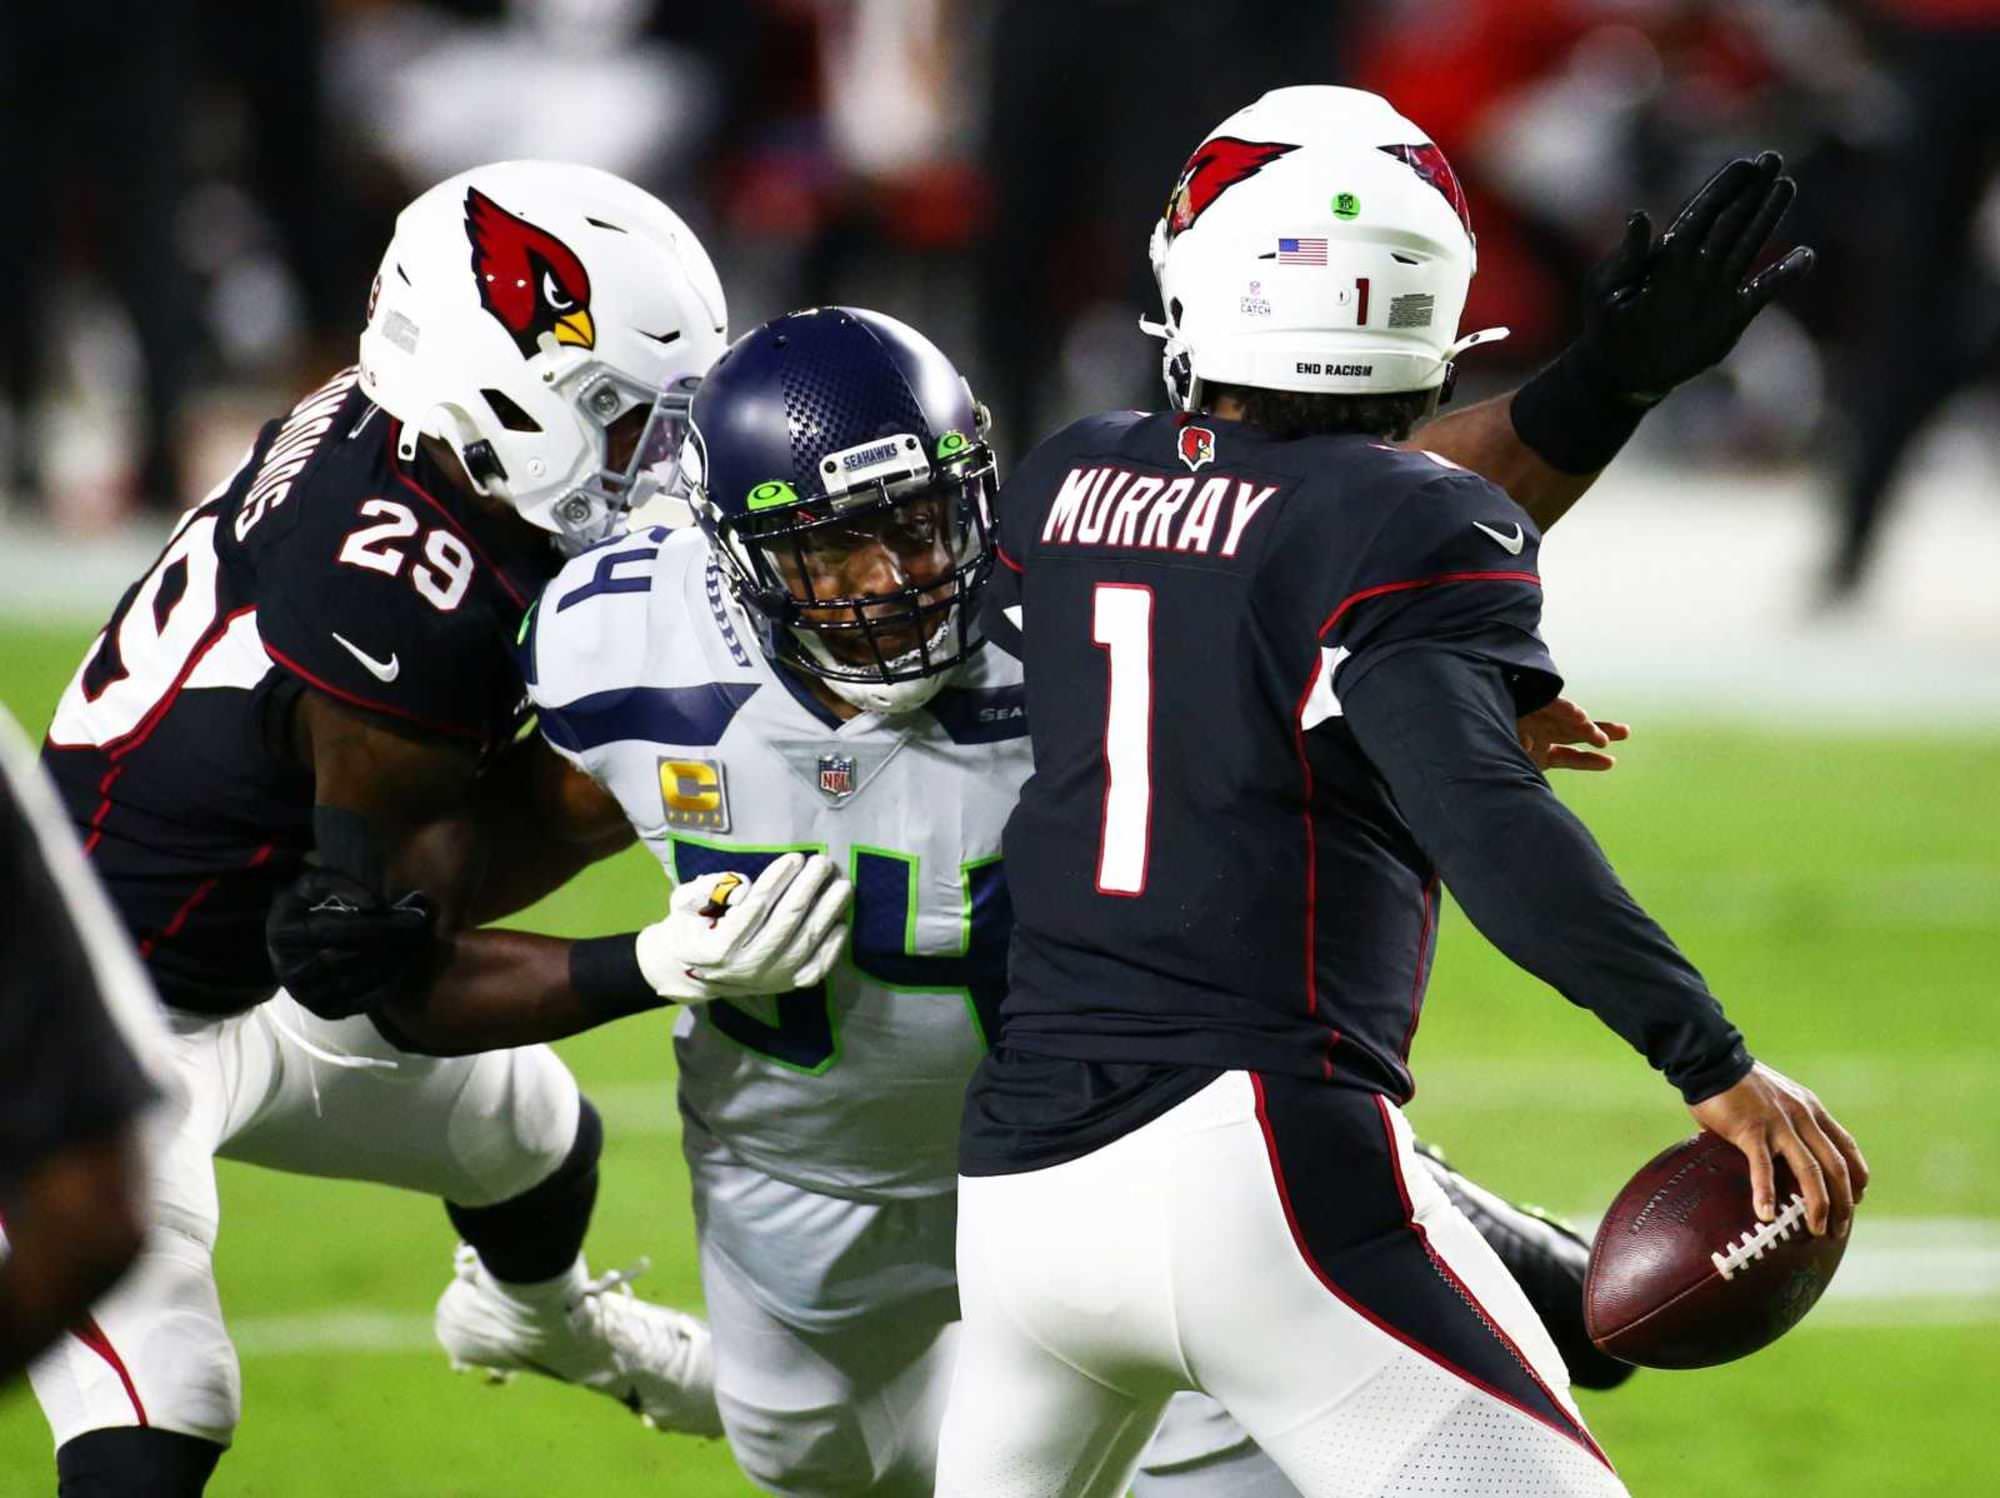 NFL Semana 11: Odds para cada jogo